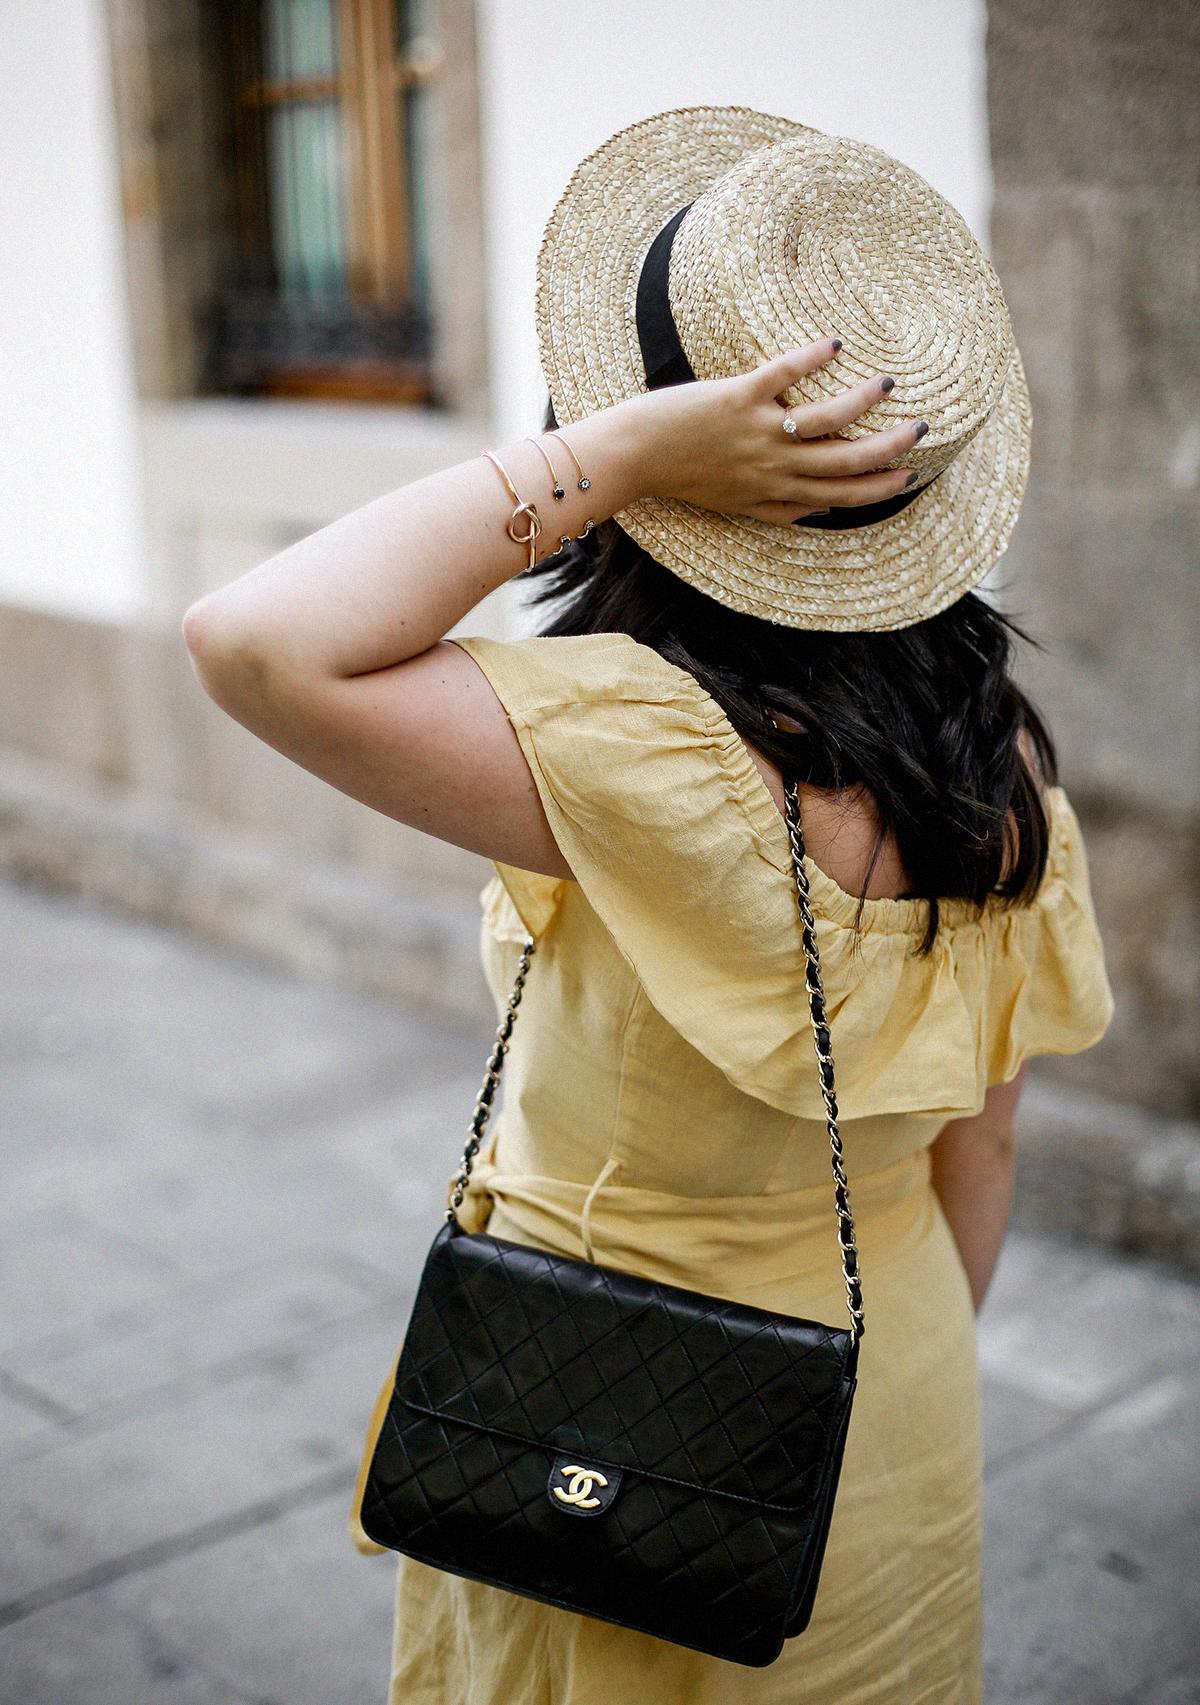 vestido-amarillo-hombros-descubiertos-zara-chanel-vintage-vestiaire-collective5